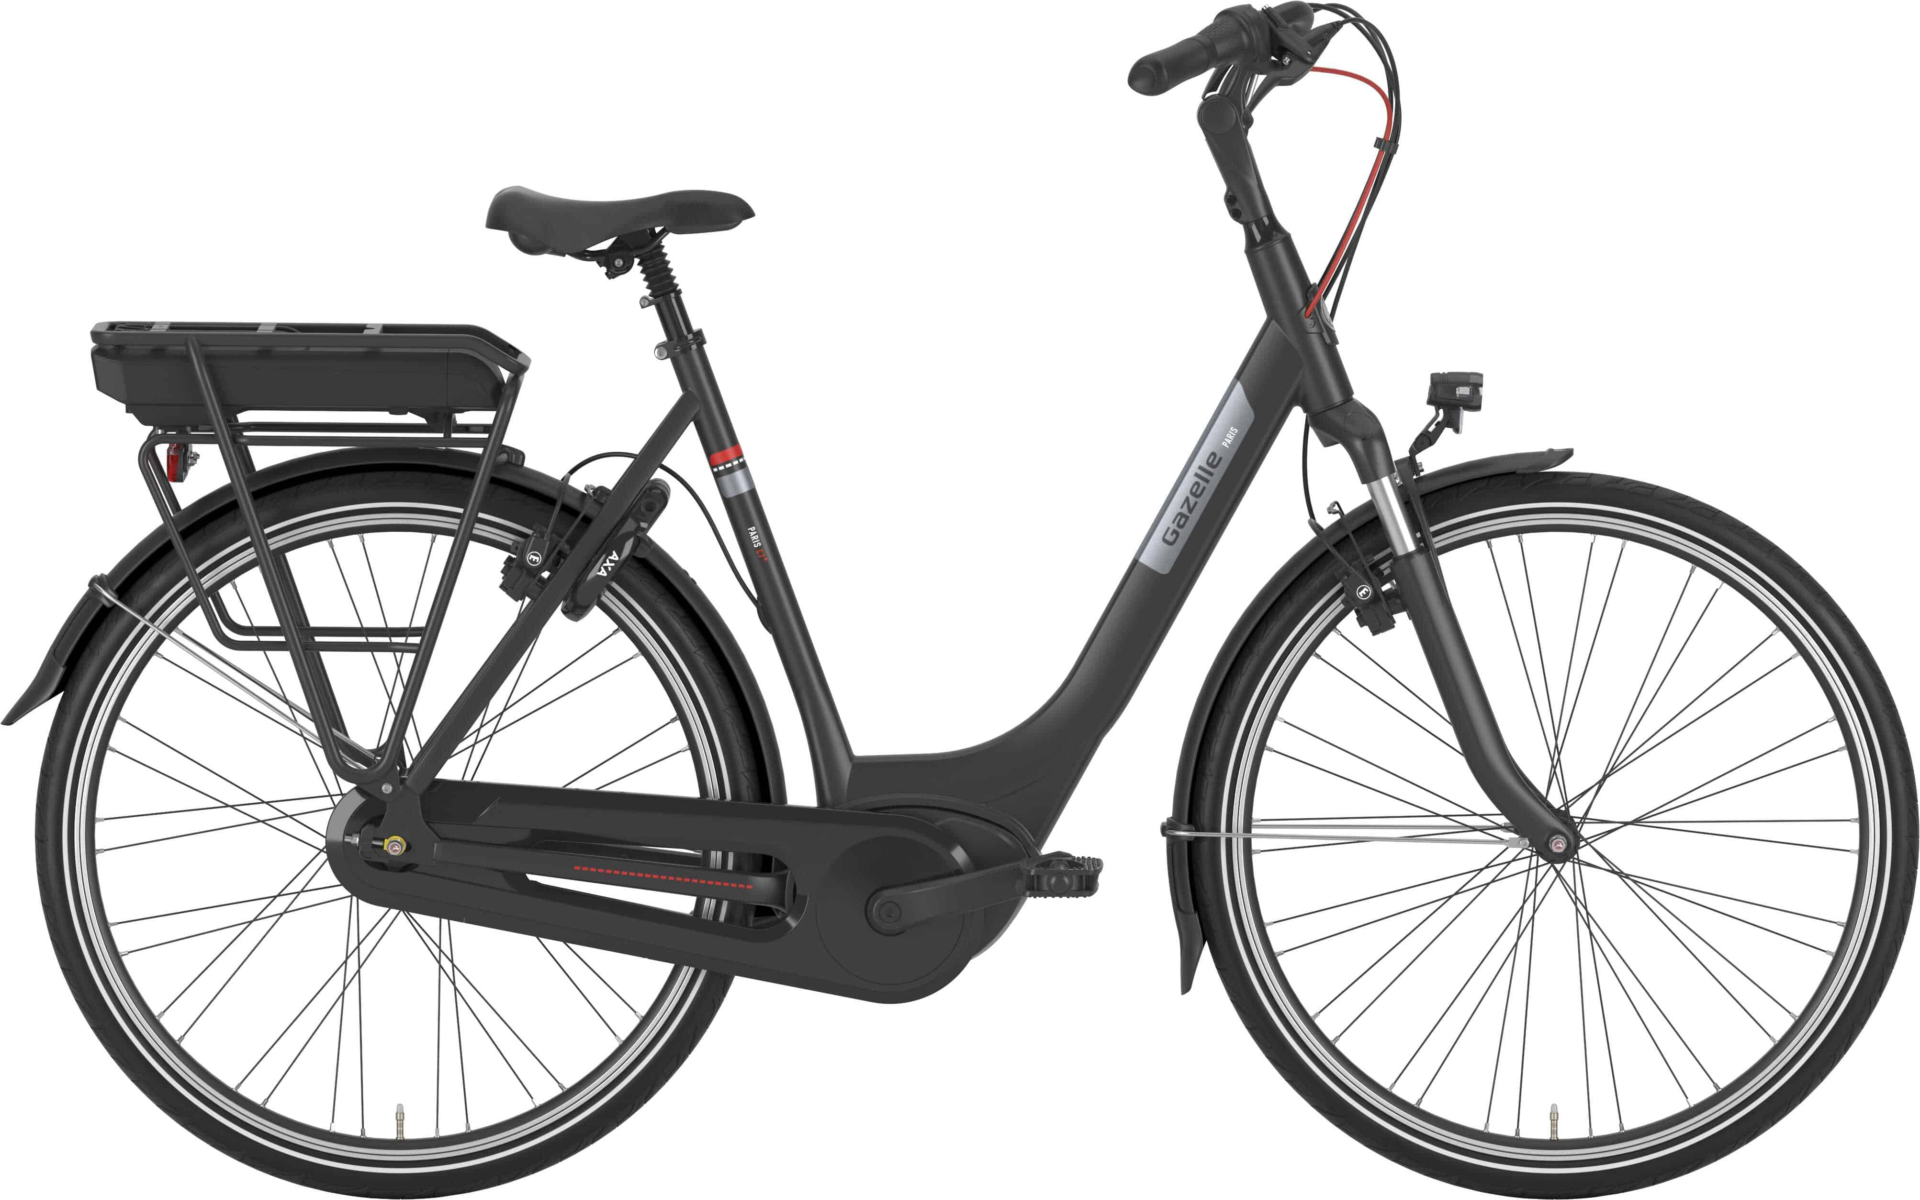 Gazelle Paris C7+ Hmb Dame Sort R7H - 2020 Cykler||Gazelle||Gazelle Elcykler